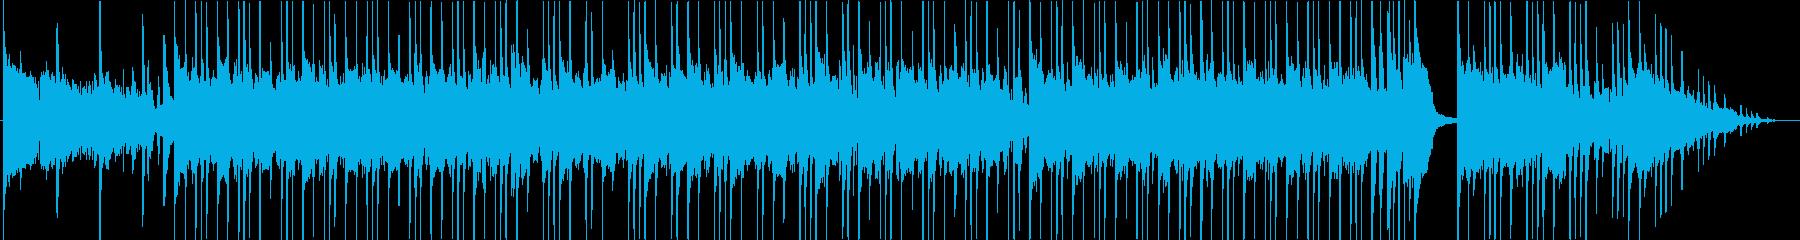 ブルージーなサウンドのギターインストの再生済みの波形